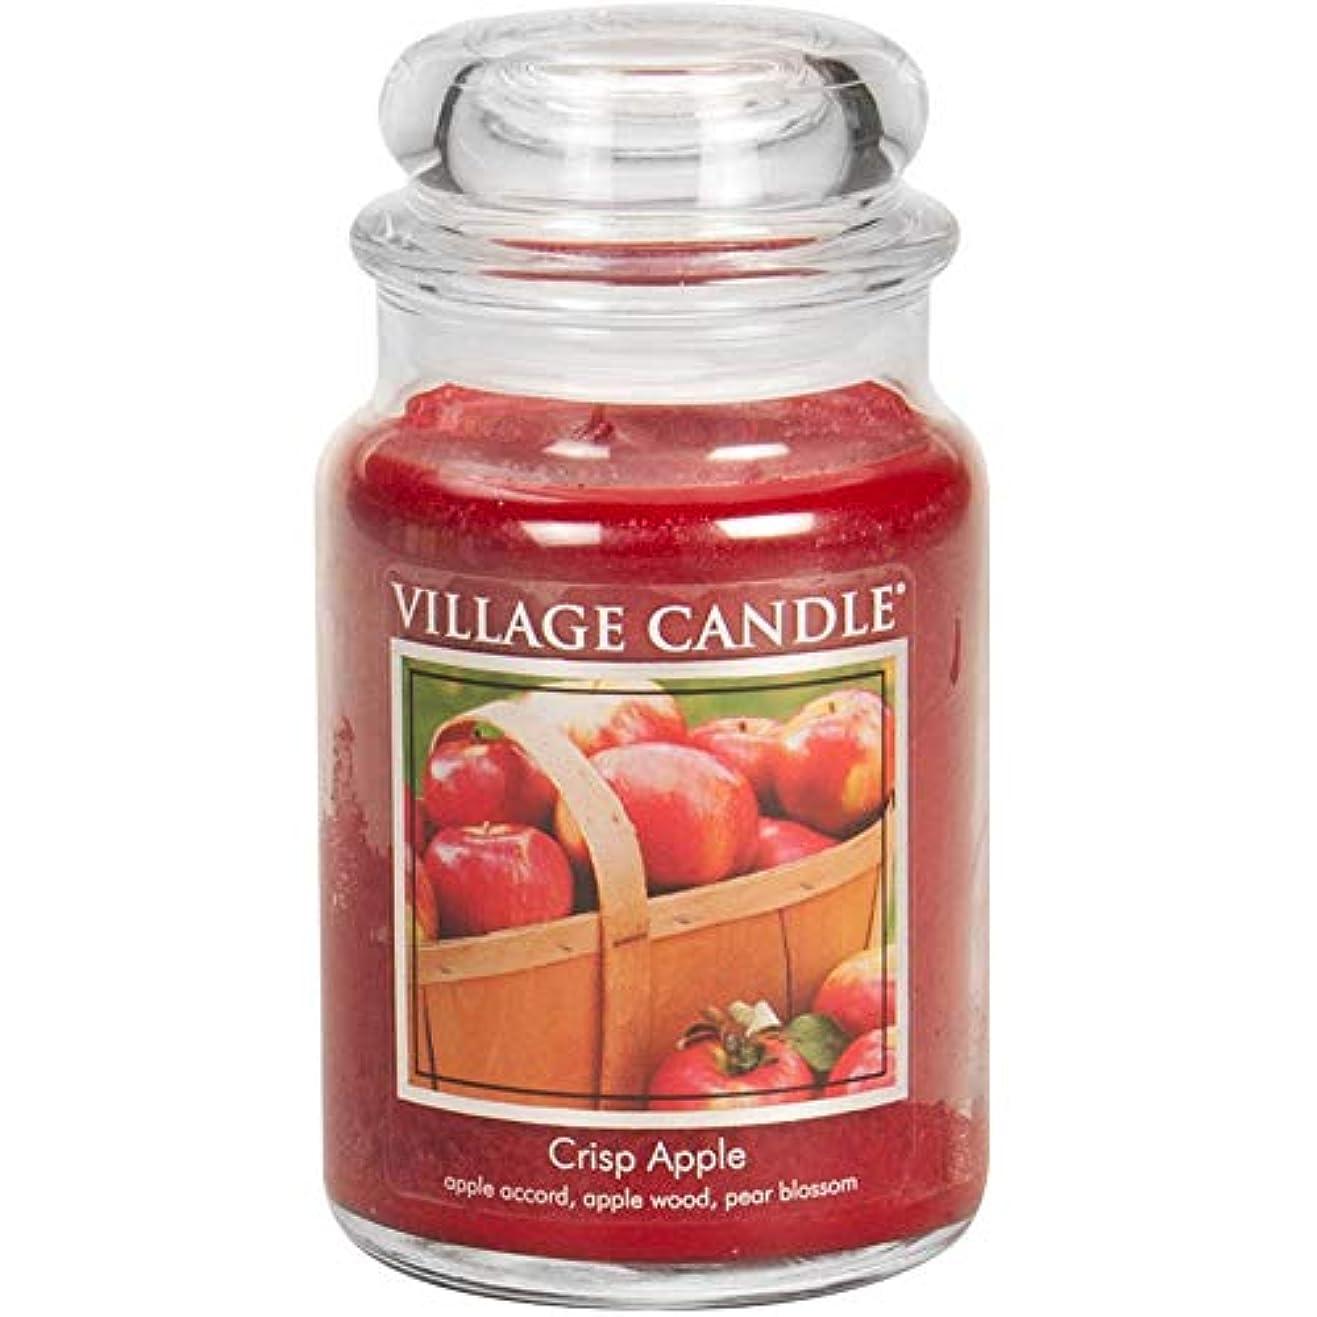 簡潔な熟練したキラウエア山(Large (770ml)) - Village Candle Crisp Apple 770ml Glass Jar Scented Candle, Large